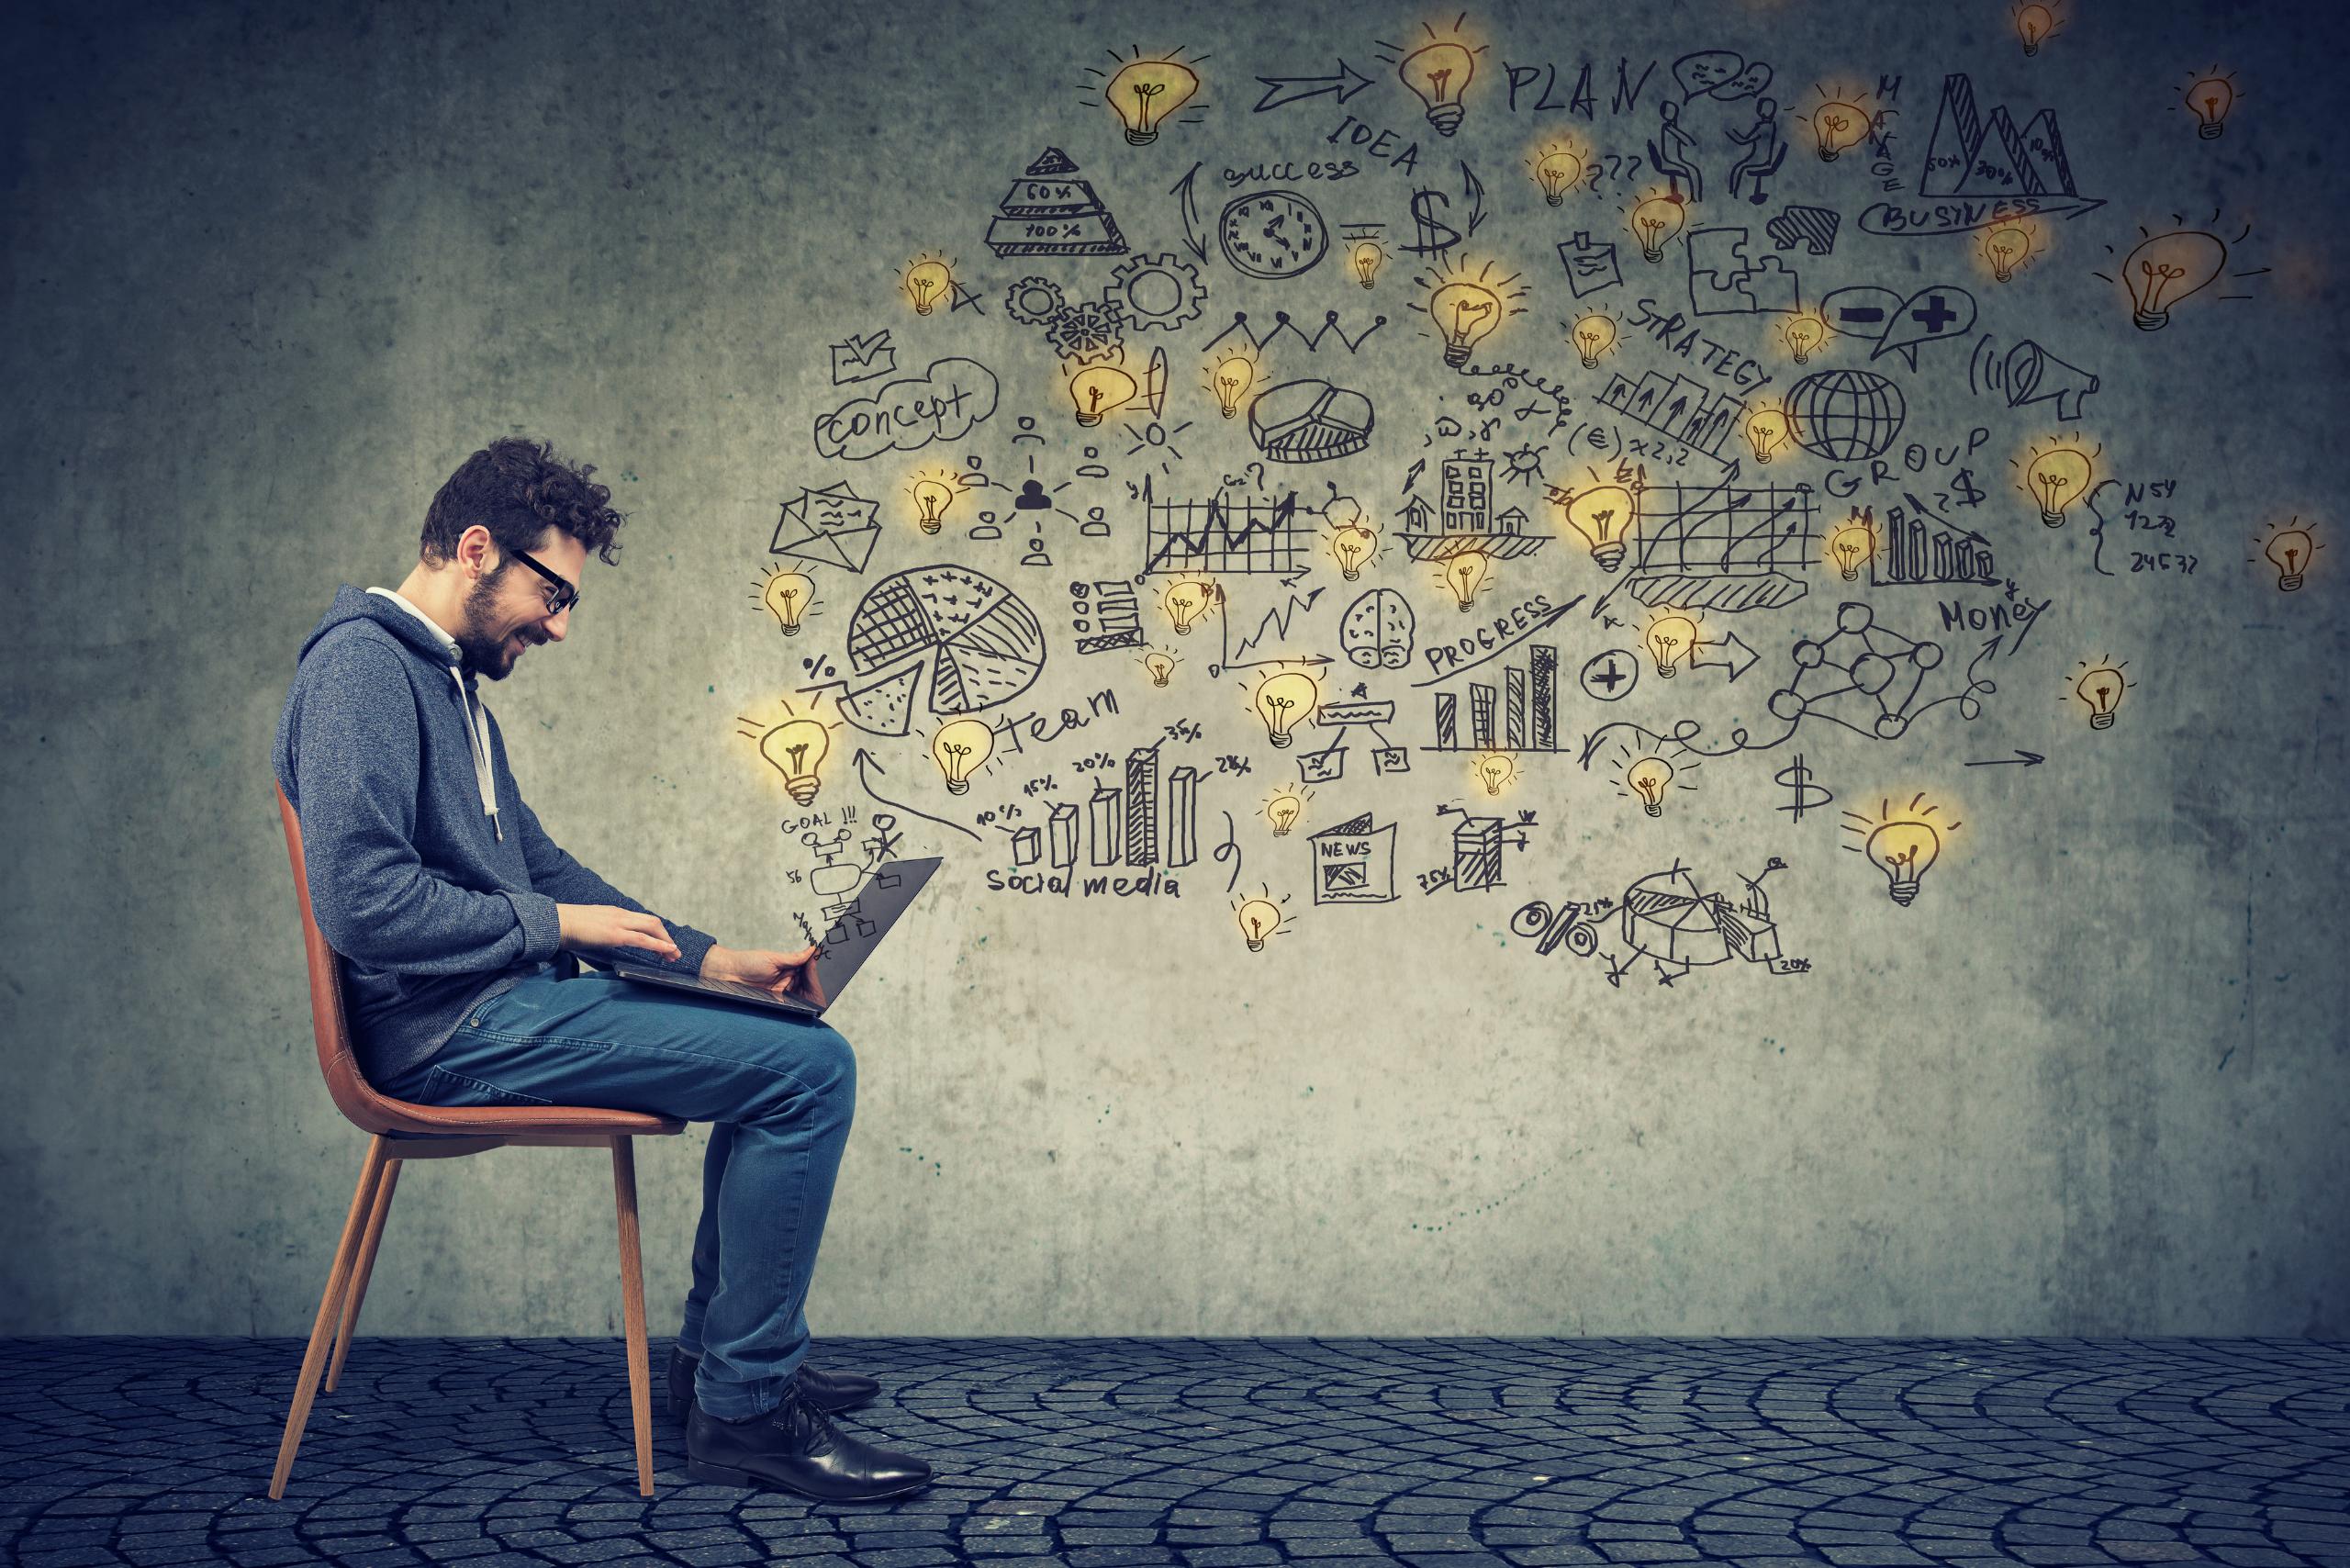 Neun Schritte zum agilen Unternehmer